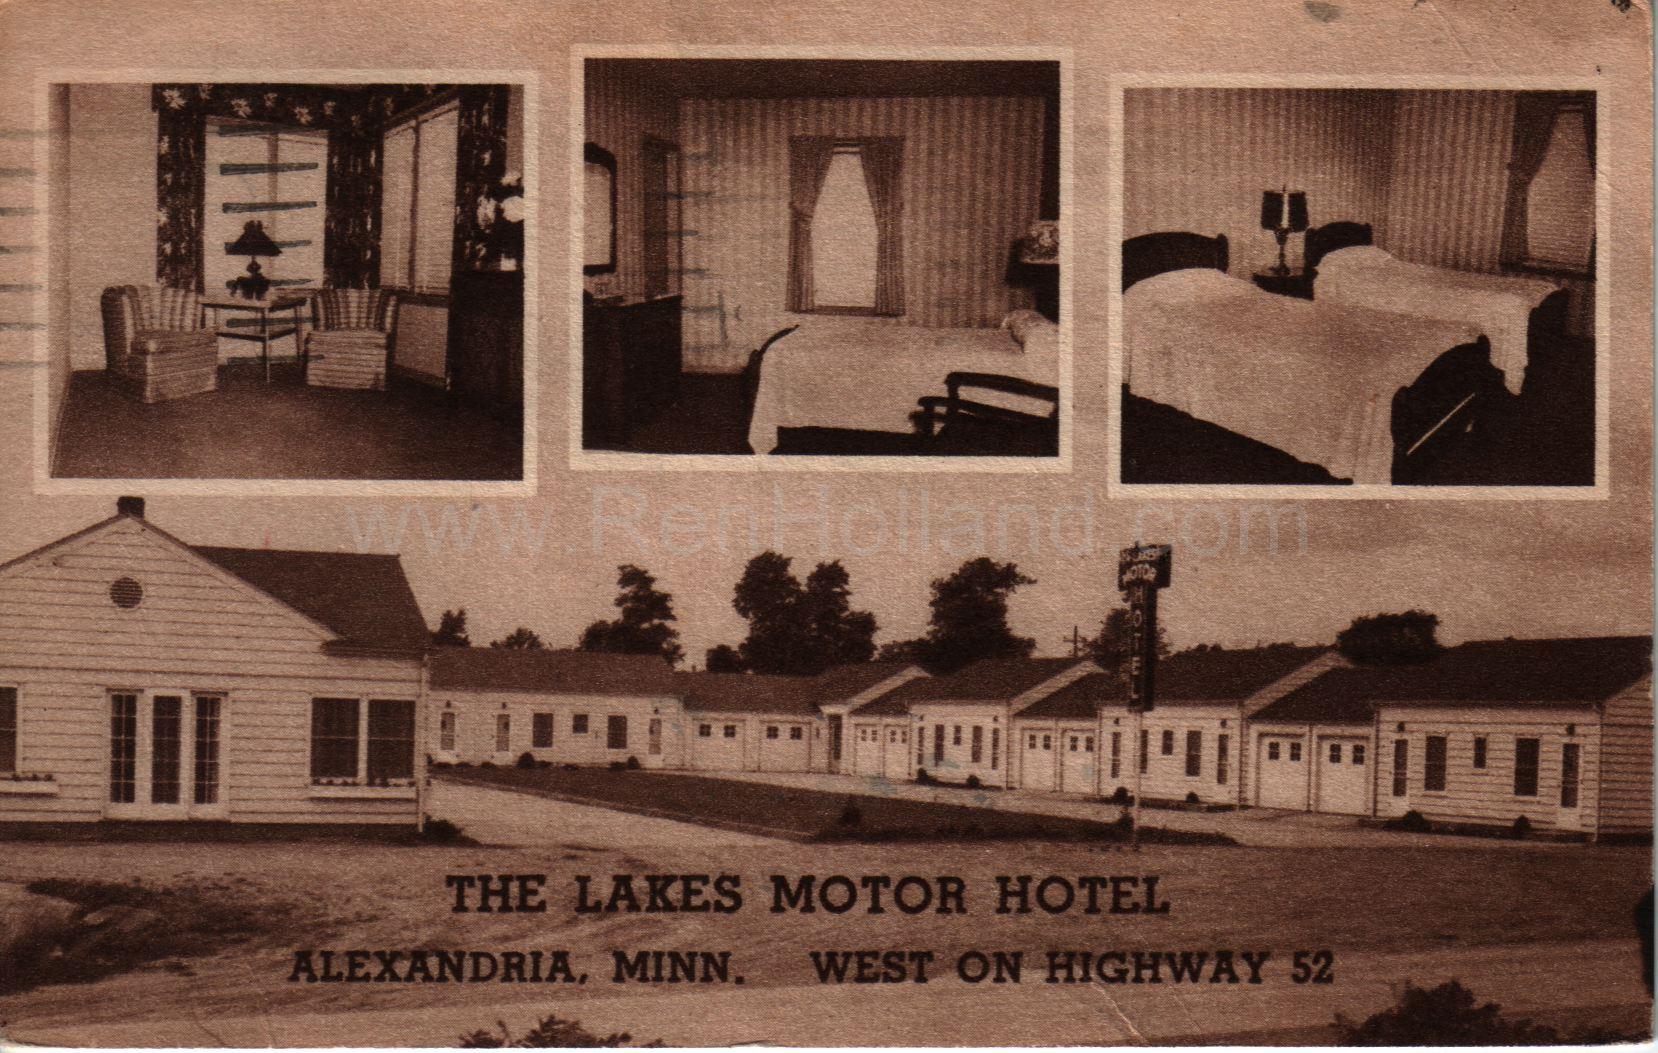 Alexandria The Lakes Motor Hotel Ca 1950s Anoka